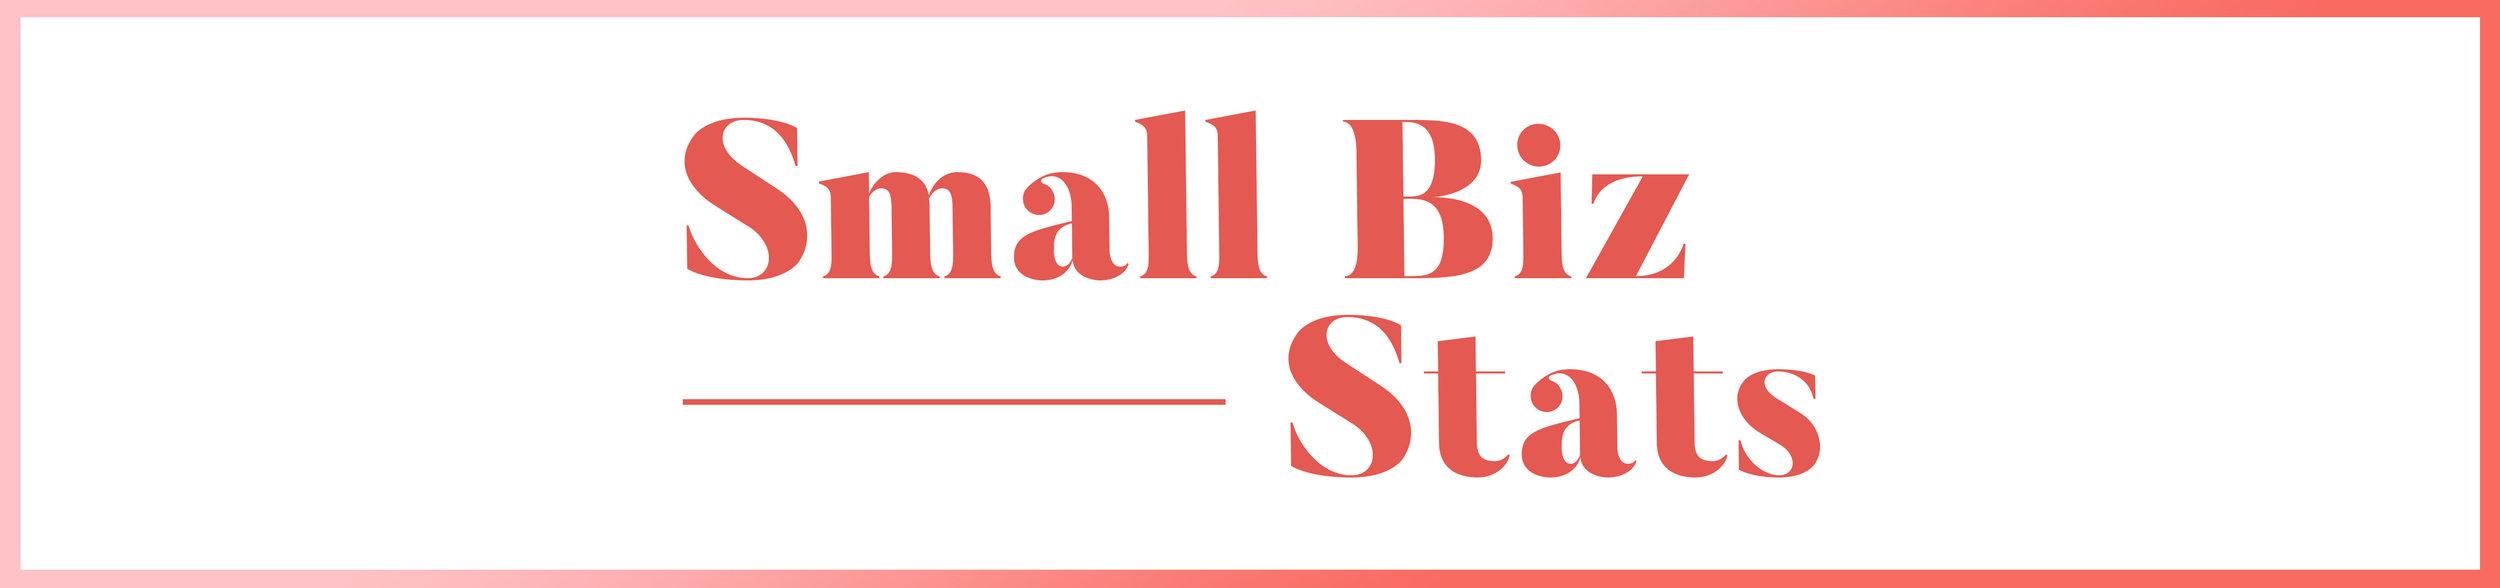 SmallBizStats.jpg